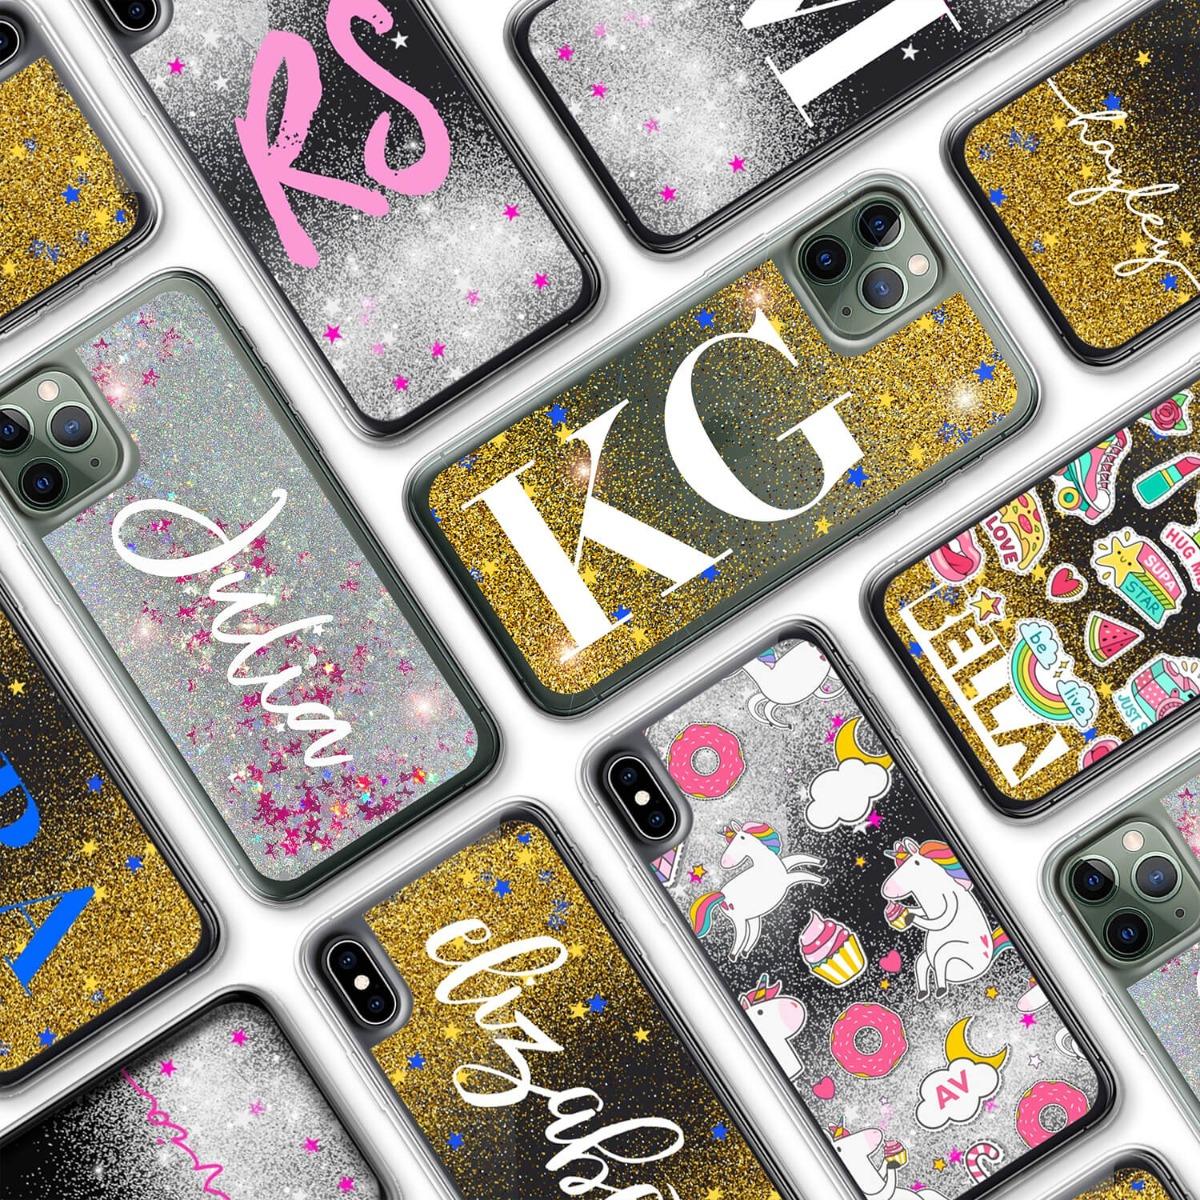 iPhone 7 Plus Glitter Case 16143